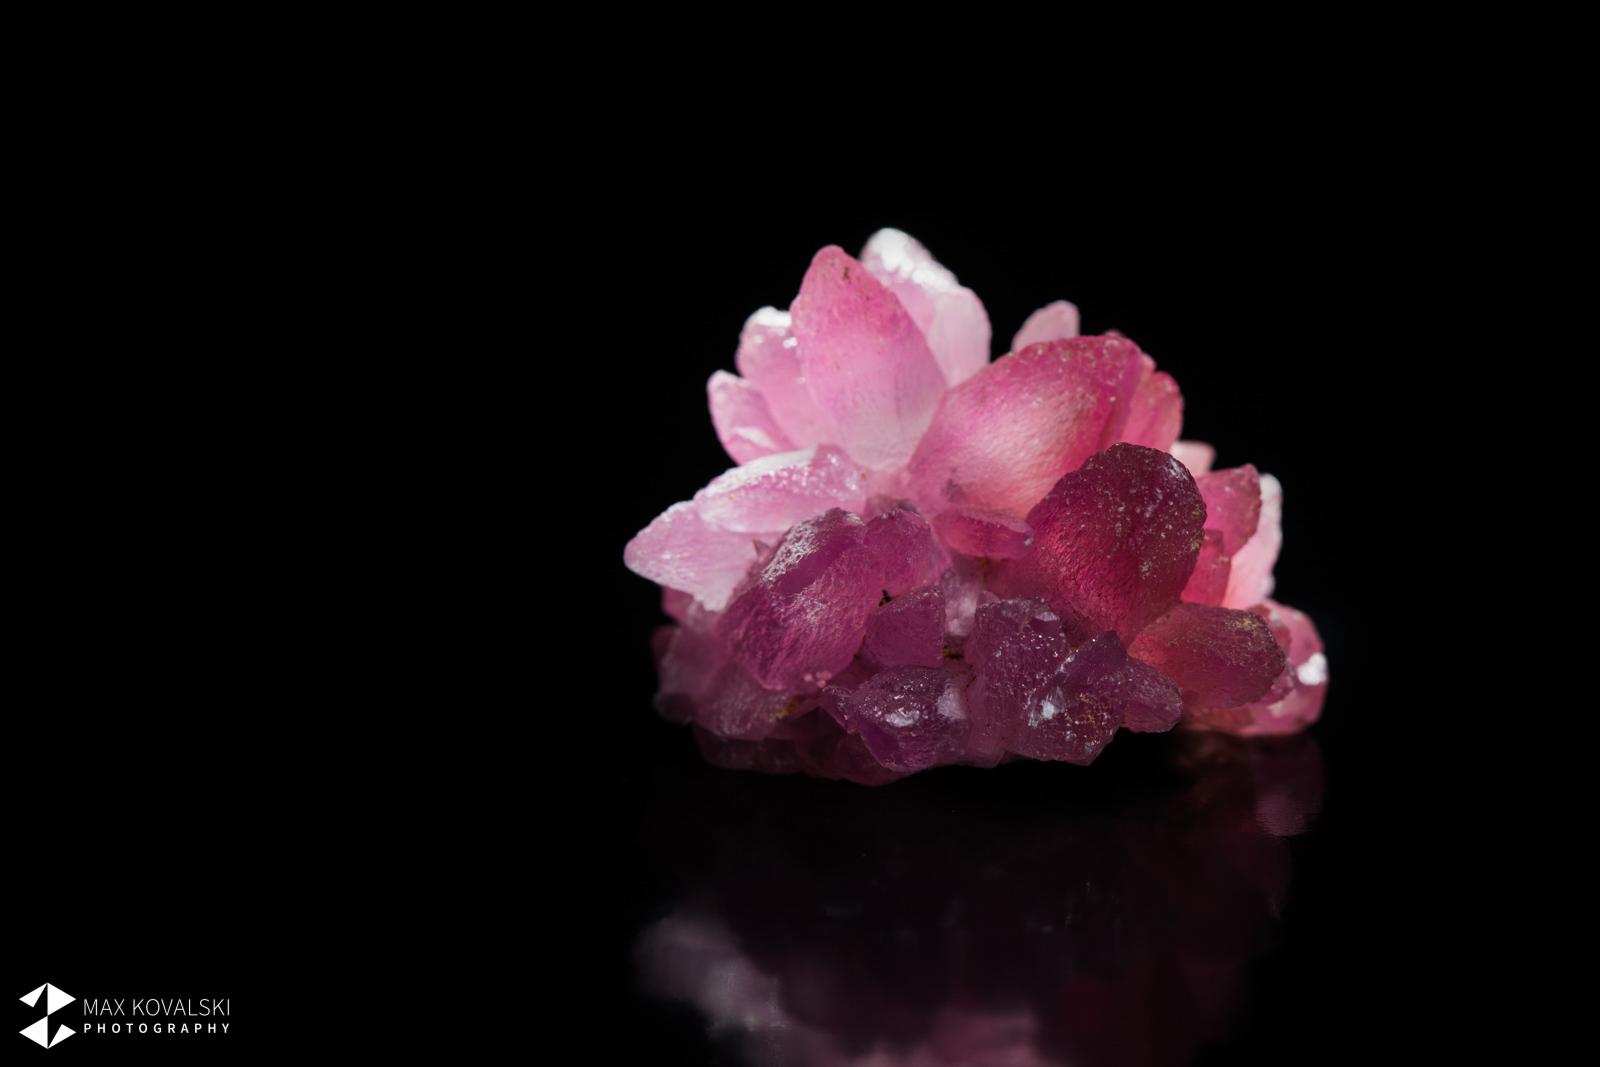 מושבה יפהפיה של קובלטו-קלציט בצורת פרח. צילום: מקס קובלסקי Photo by Max Kovalski www.maxkov.com